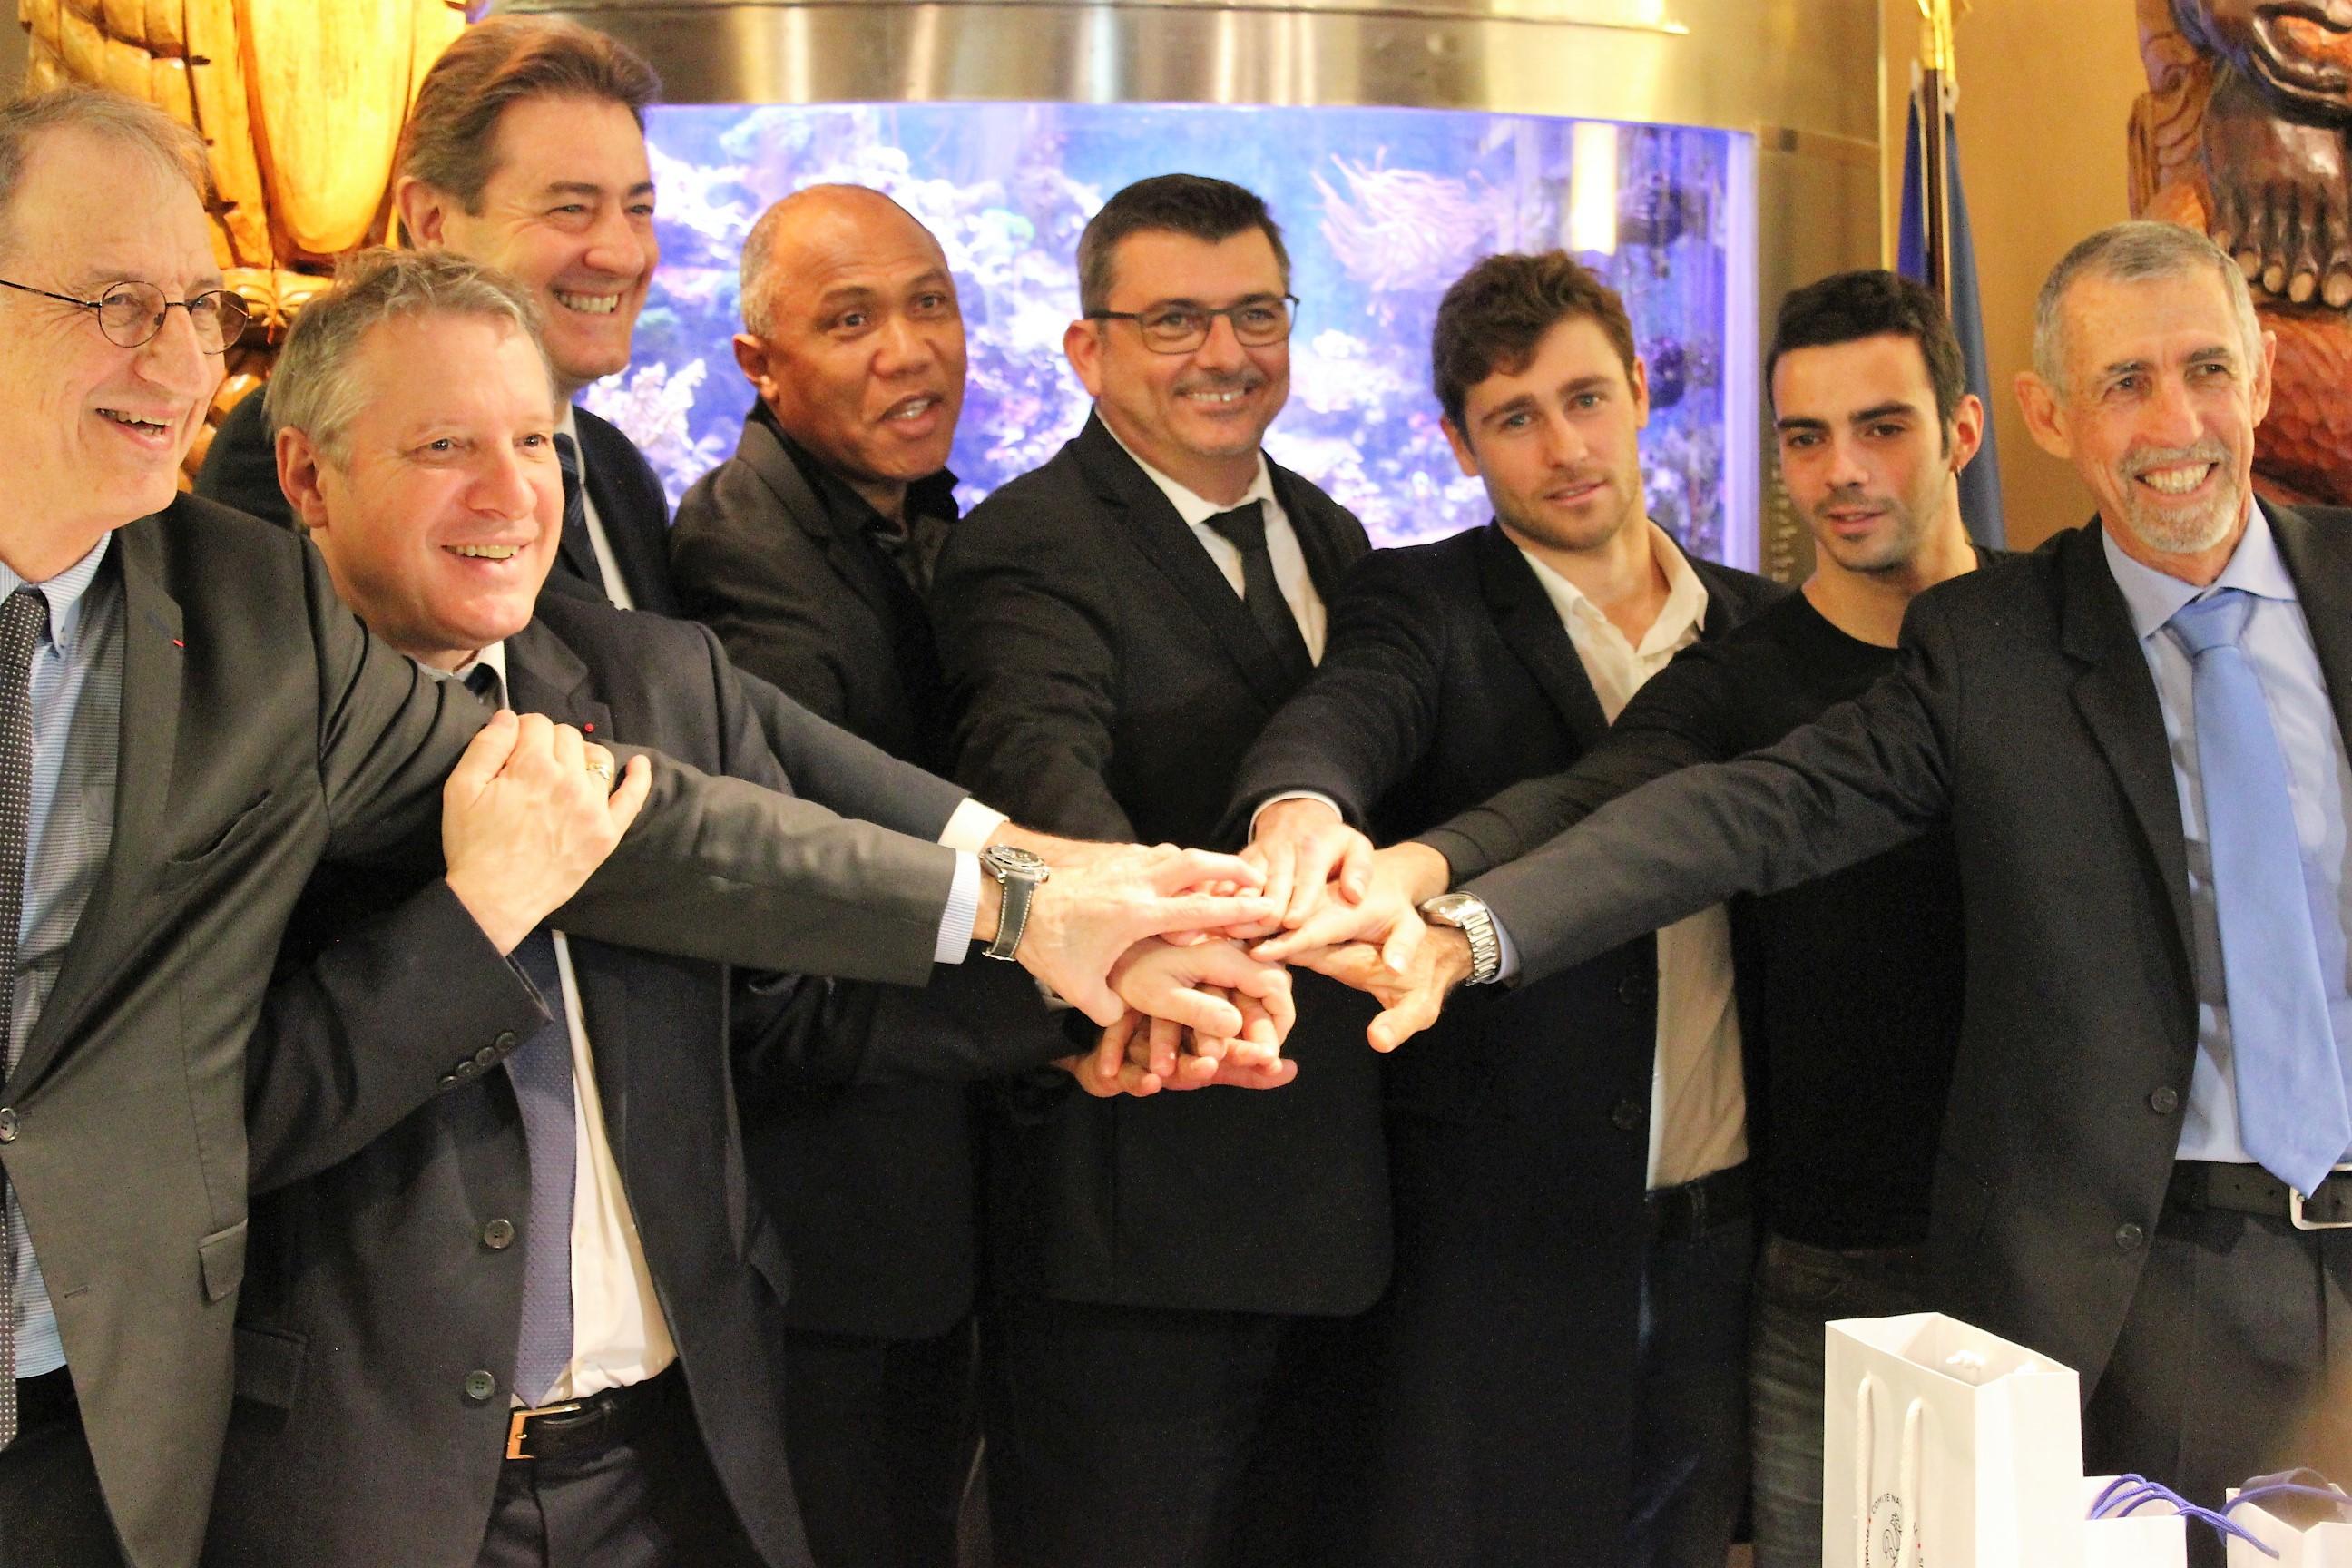 Quelques grands noms du sport calédoniens étaient présents lors de la signature de cette convention à la Maison de la Nouvelle-Calédonie à Paris, dont Antoine Kombouare, Audric Lucini et Sébastien Marquès ©Outremers360